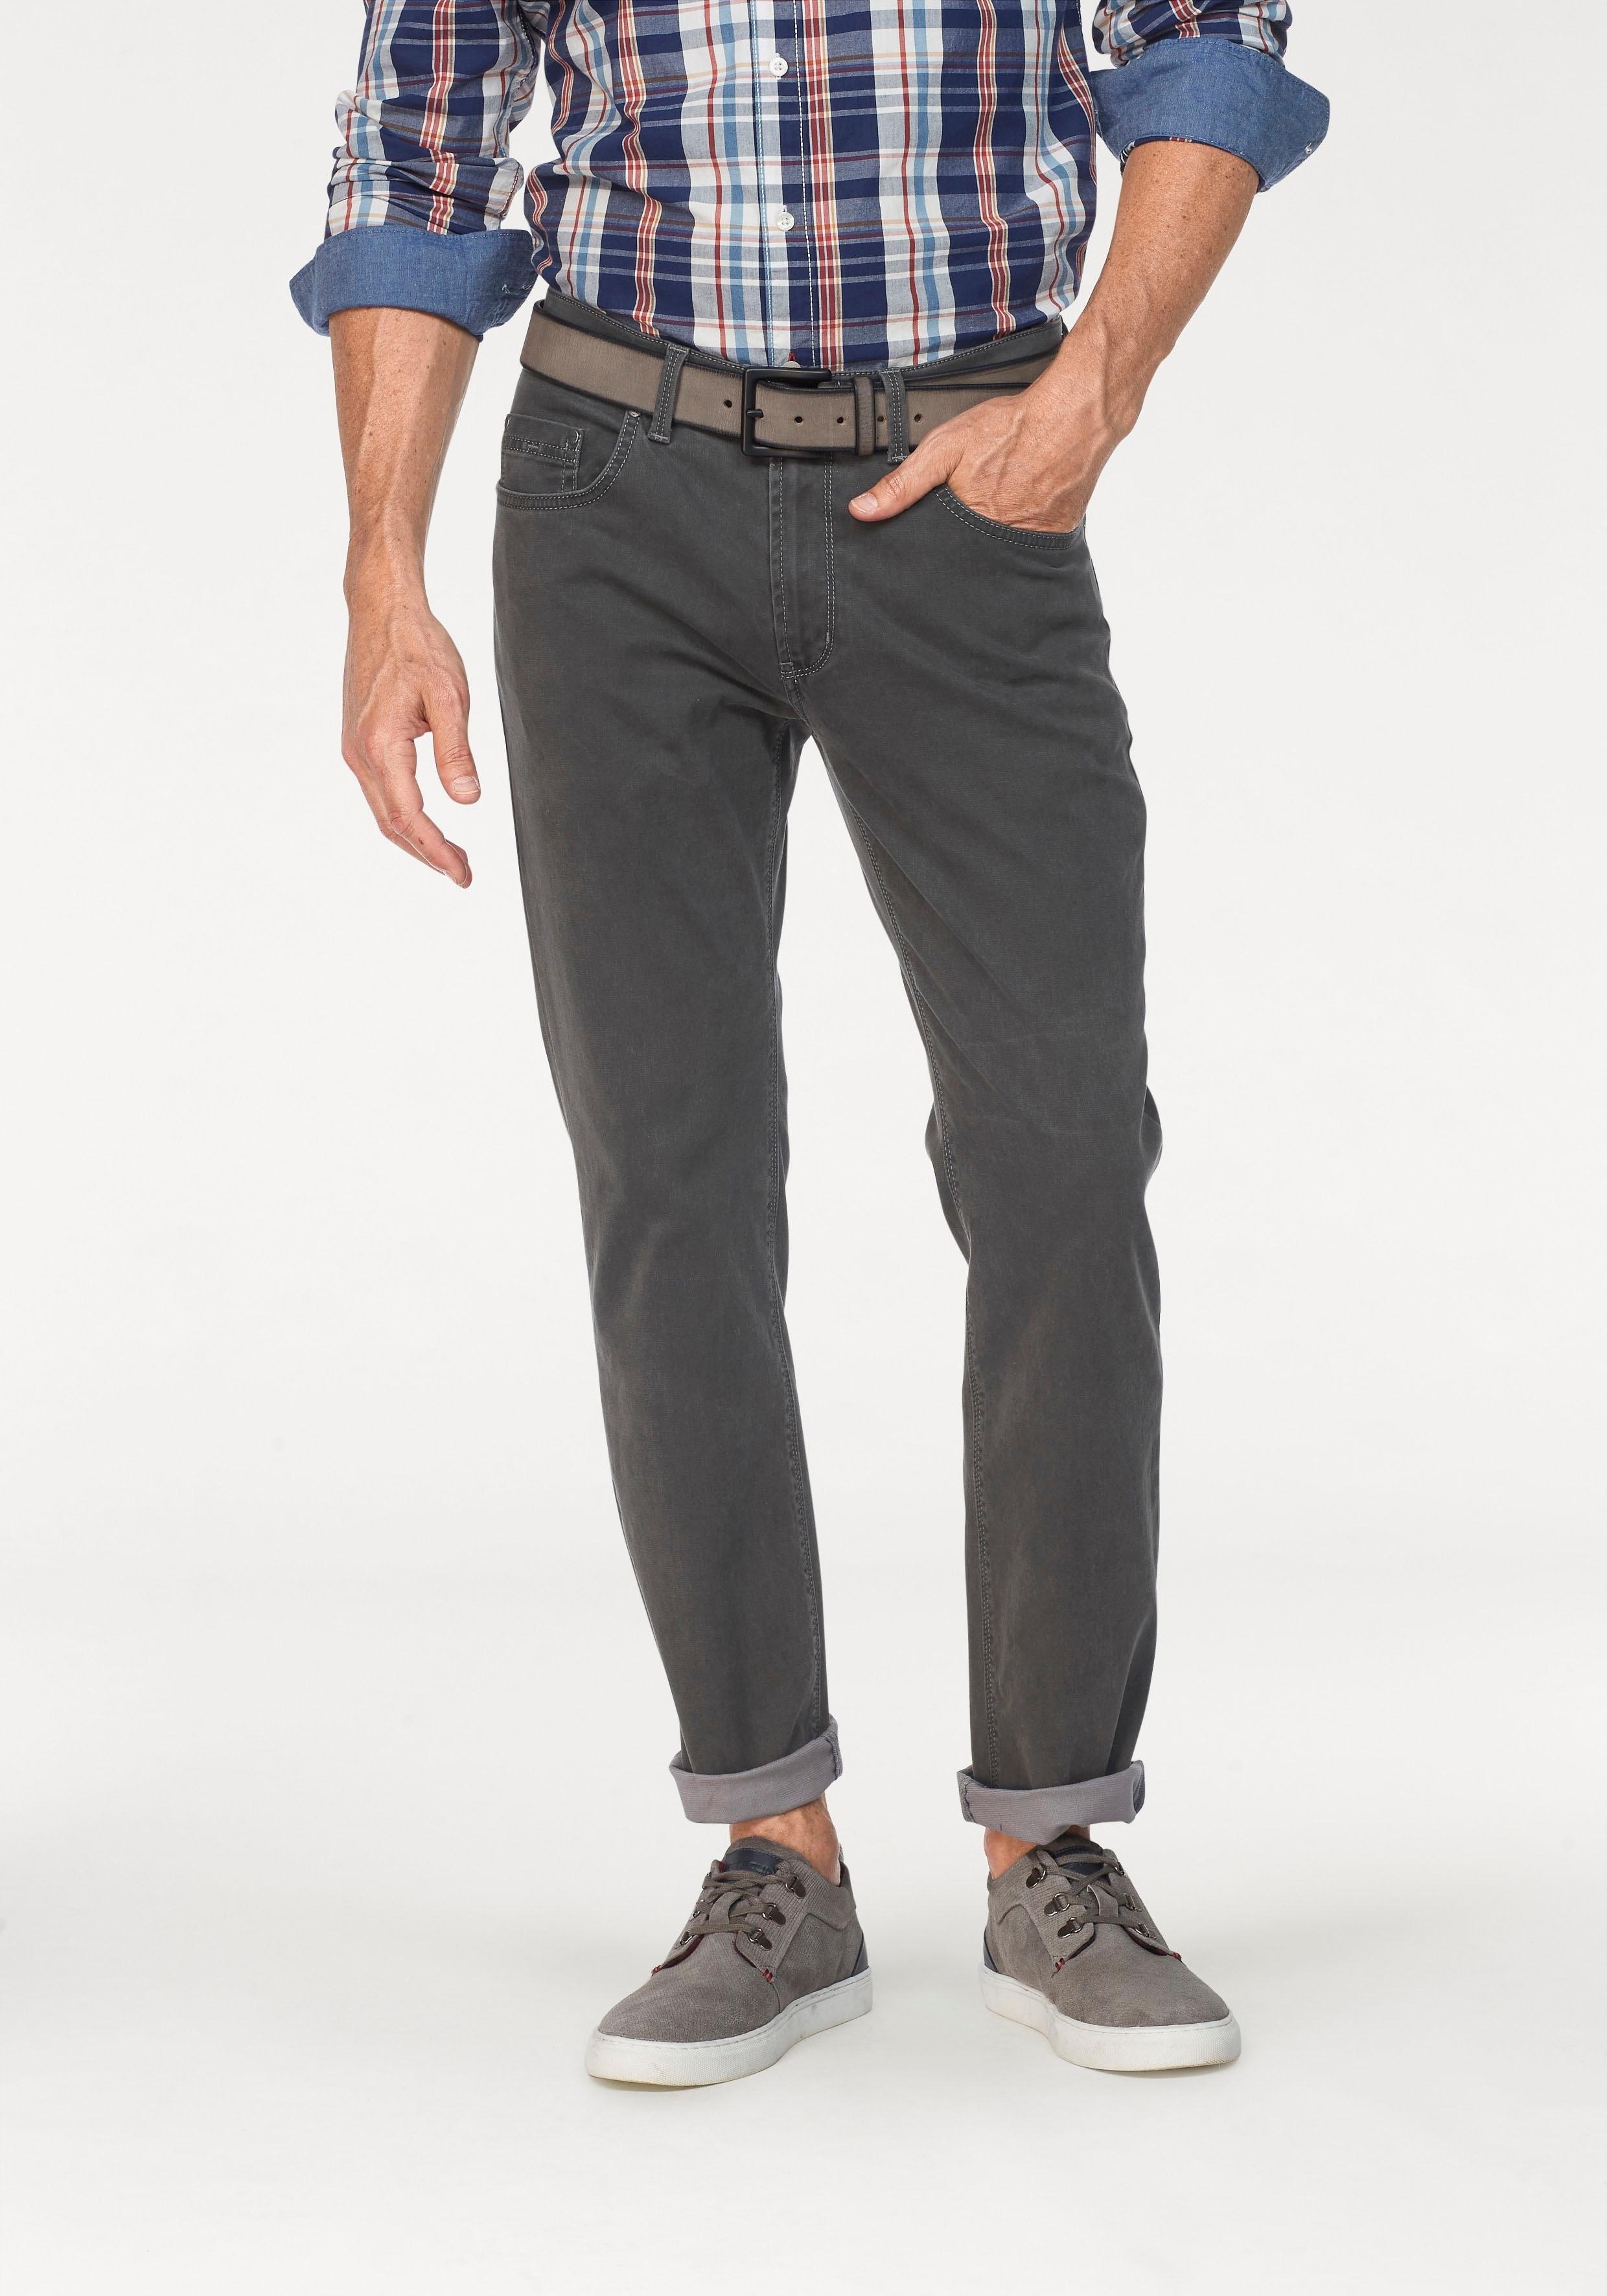 Pioneer_textil Pioneer Authentic Jeans stretchbroek »Rando« online kopen op otto.nl